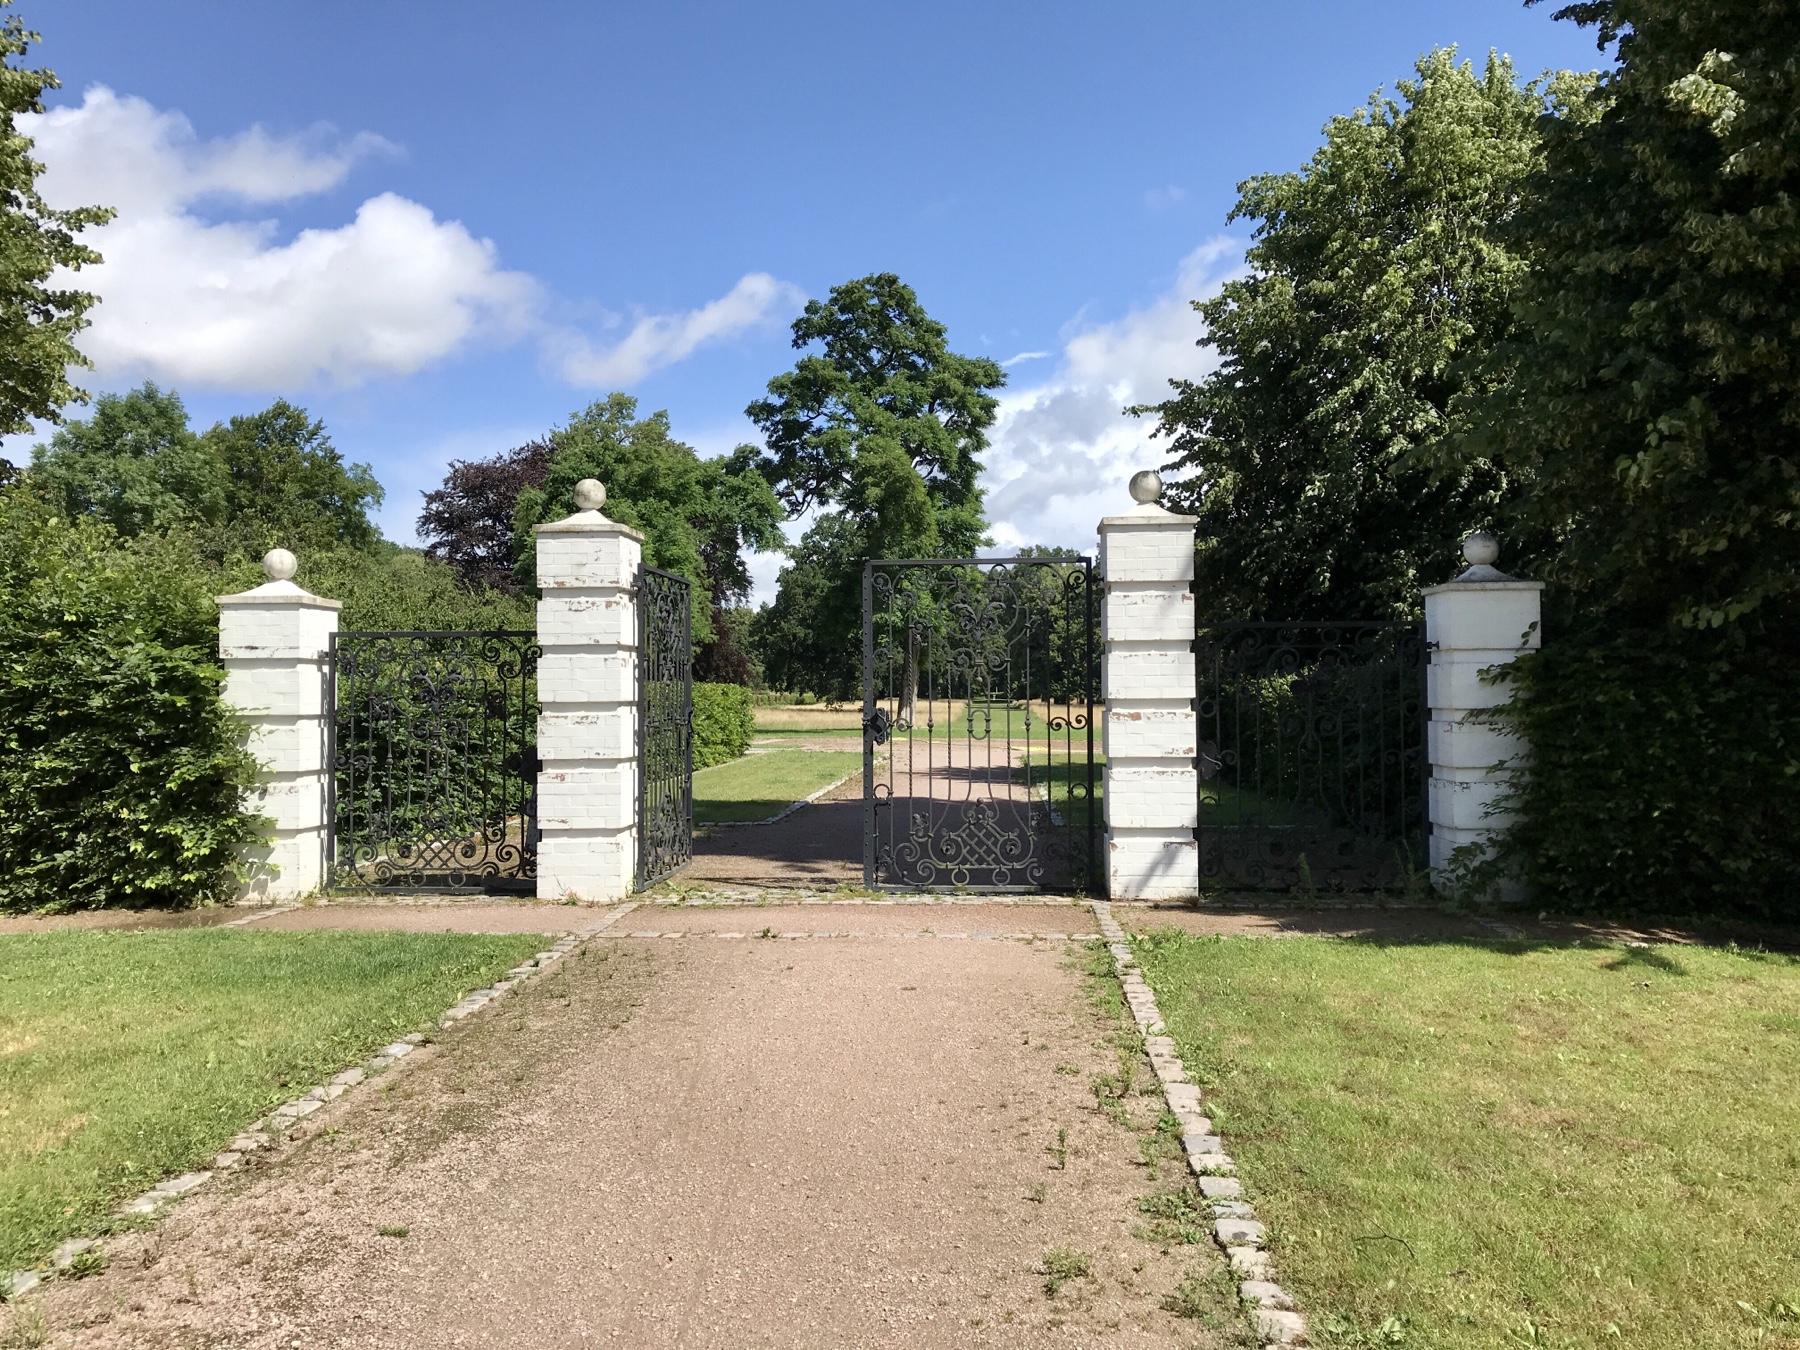 Eingang zum Jersbeker Barockgarten, Stormarnweg Etappe 4 Bargteheide Nütschau